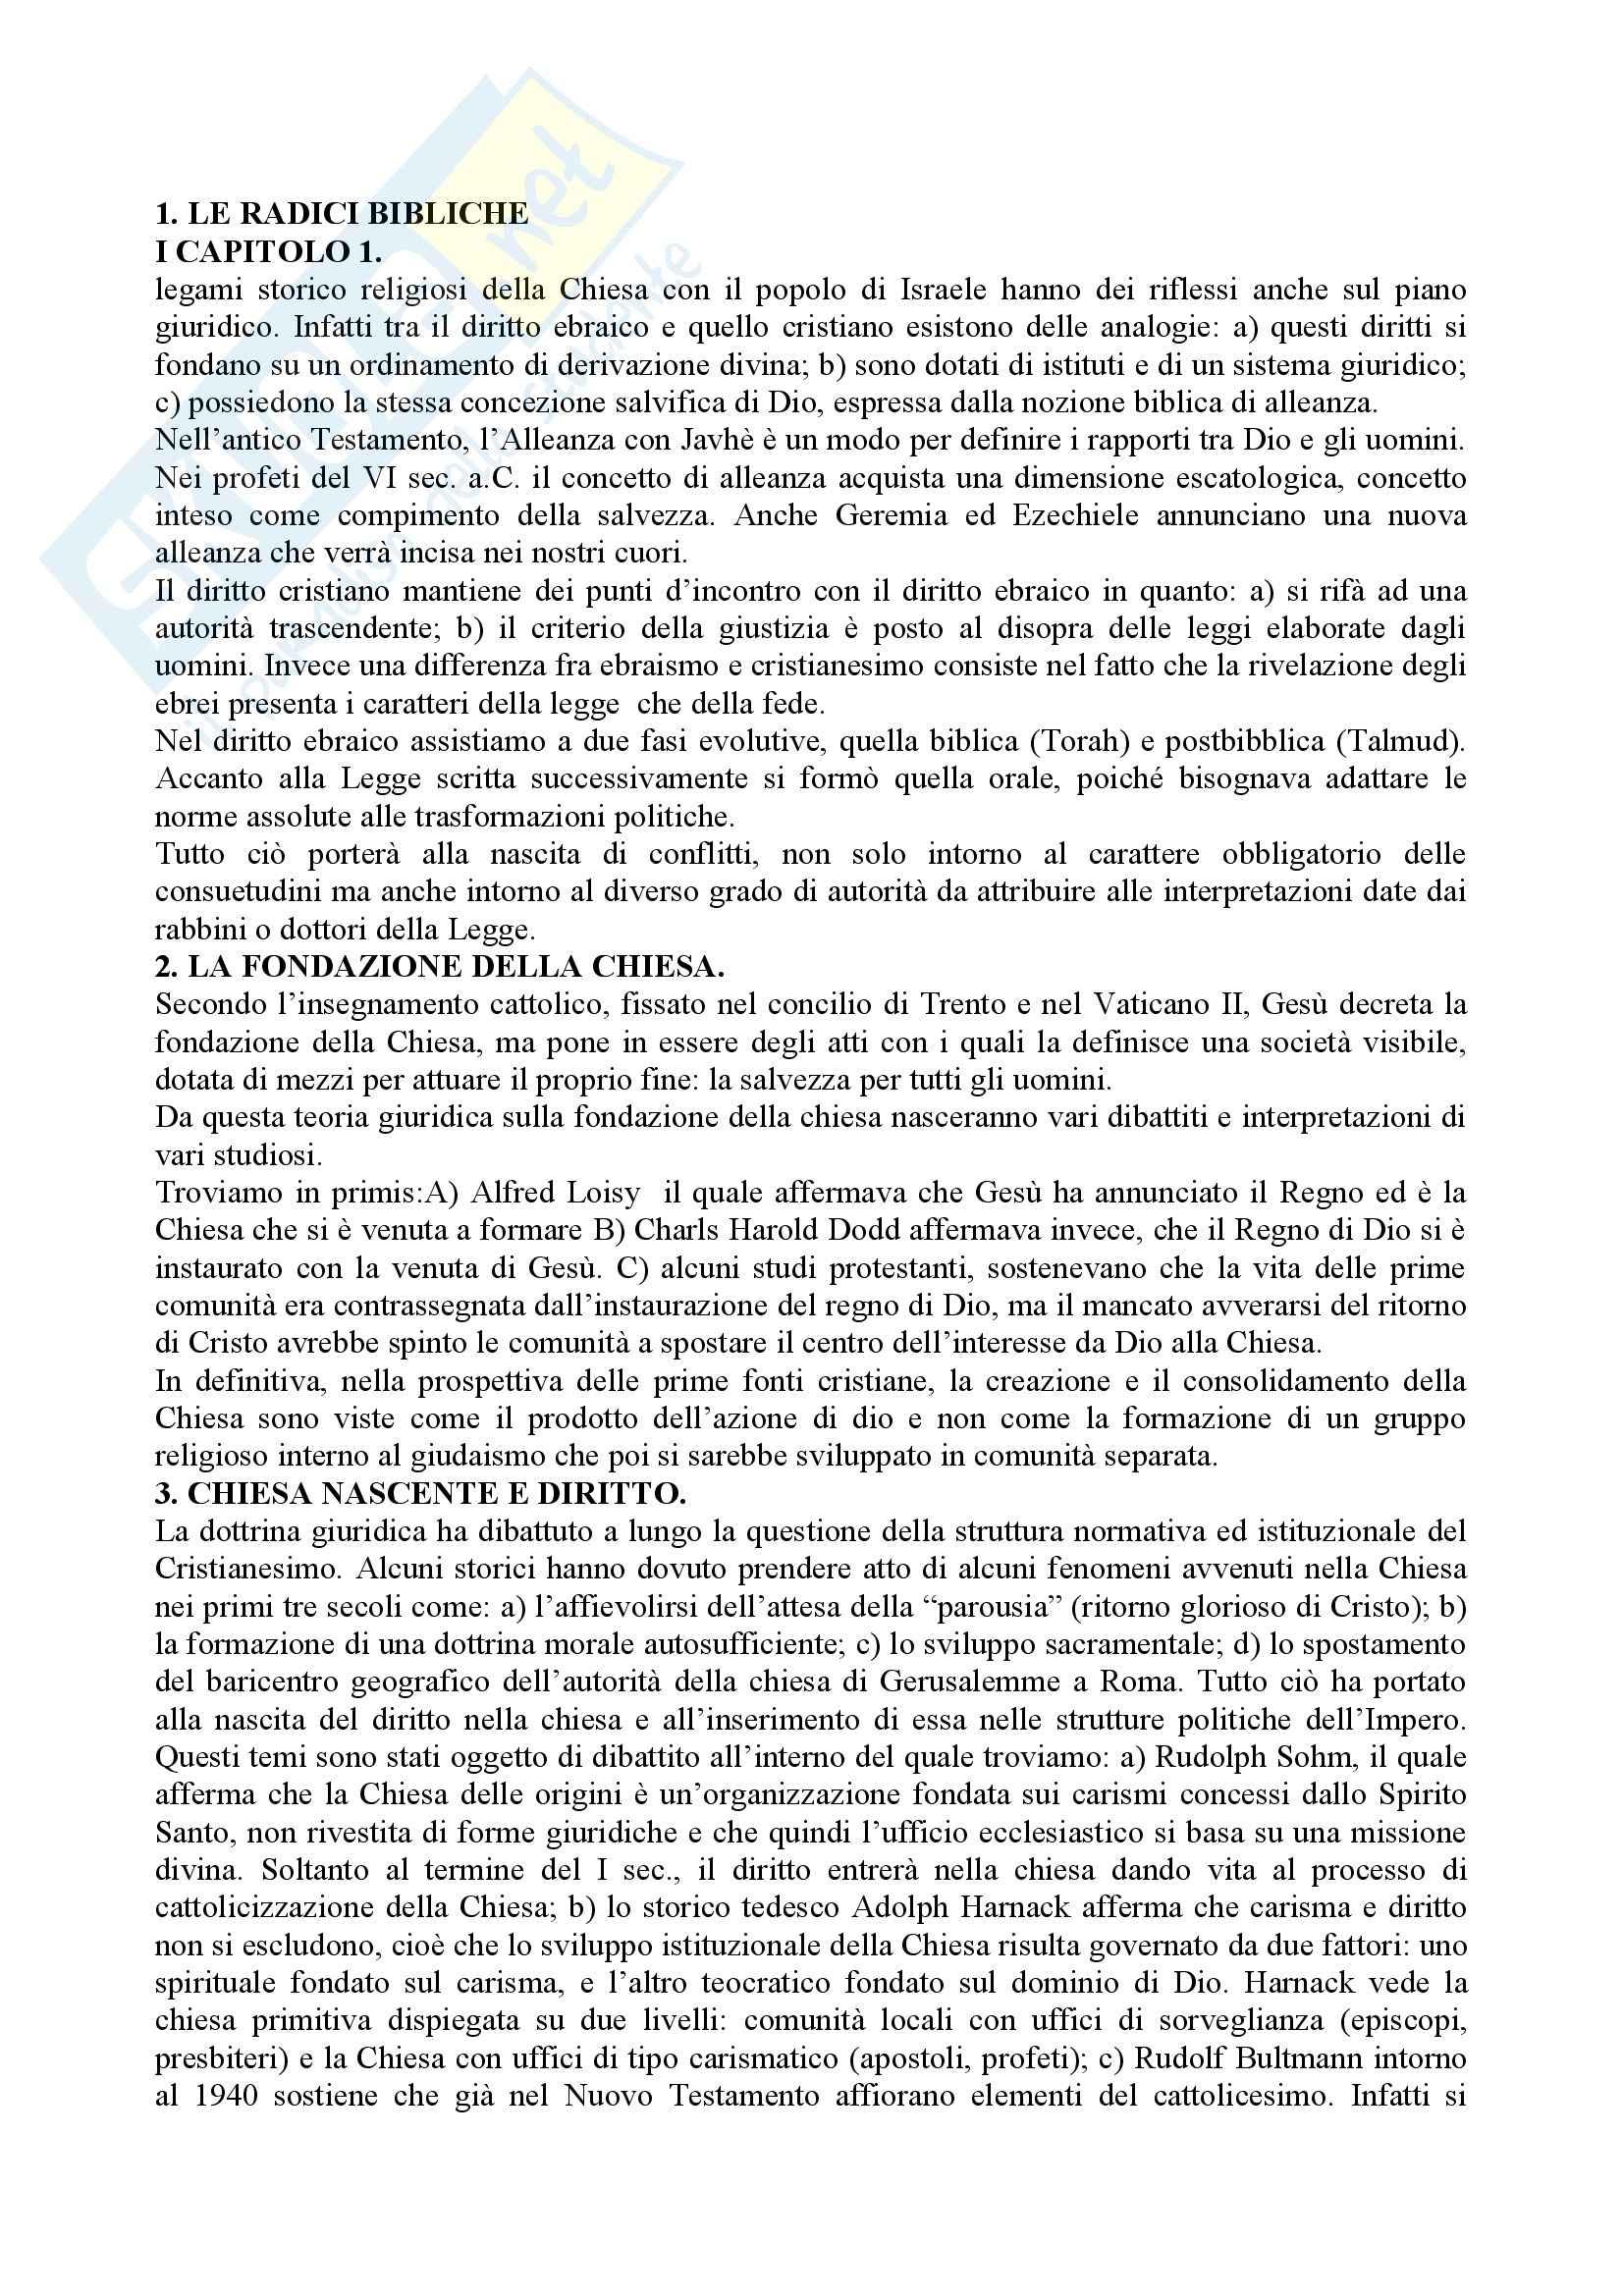 Diritto canonico - Riassunto esame, prof. Gherro